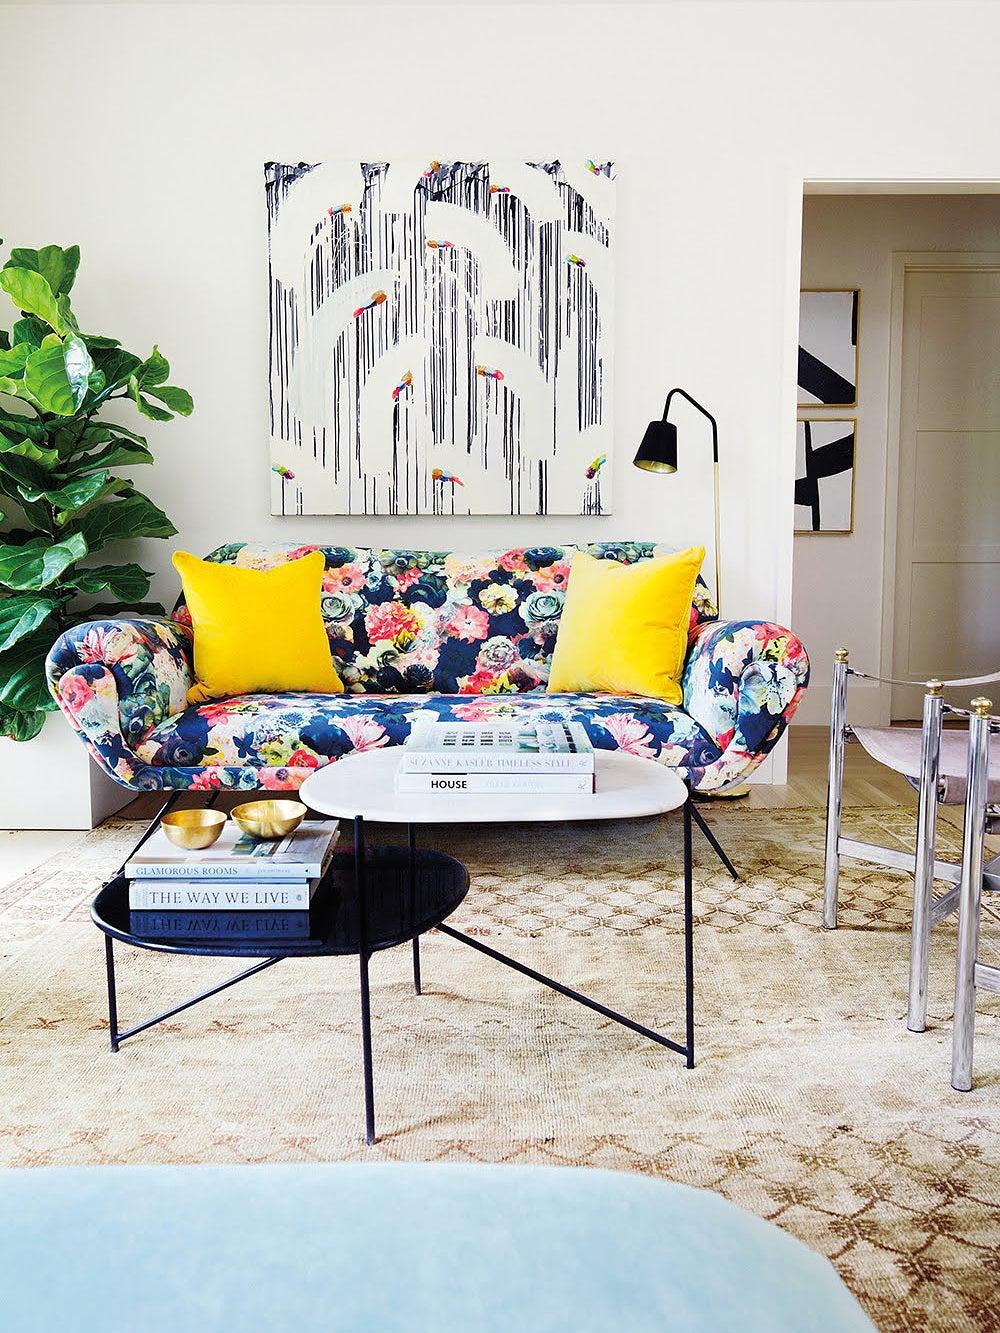 amazon-prime-day-furniture-domino